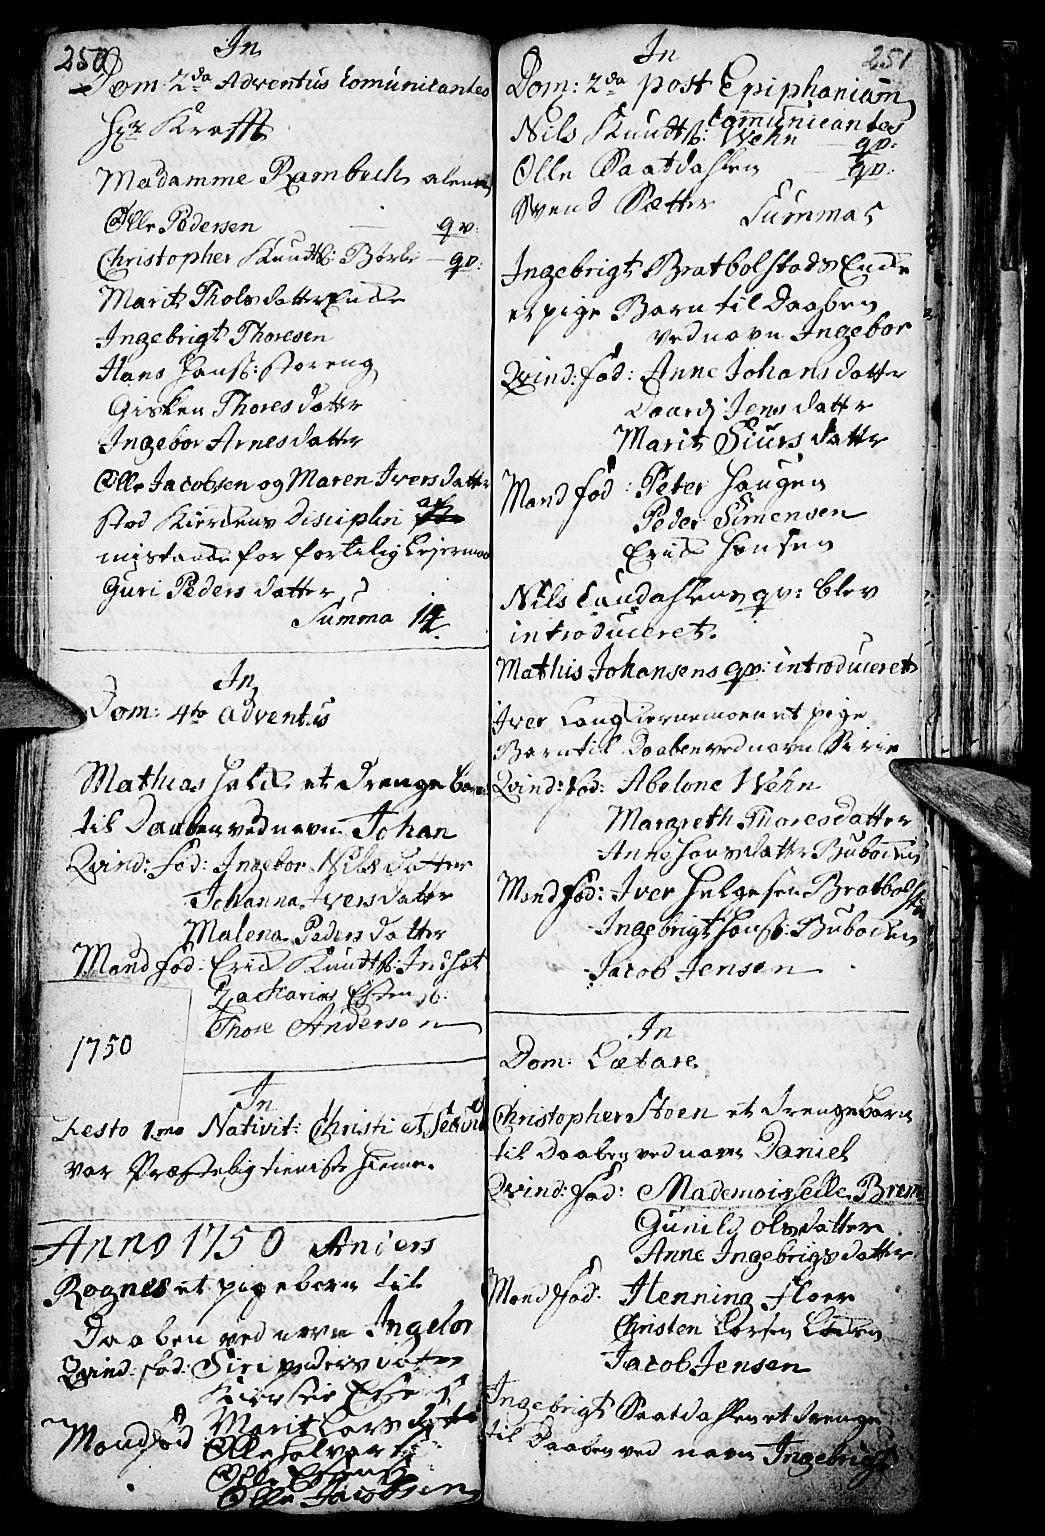 SAH, Kvikne prestekontor, Parish register (official) no. 1, 1740-1756, p. 250-251